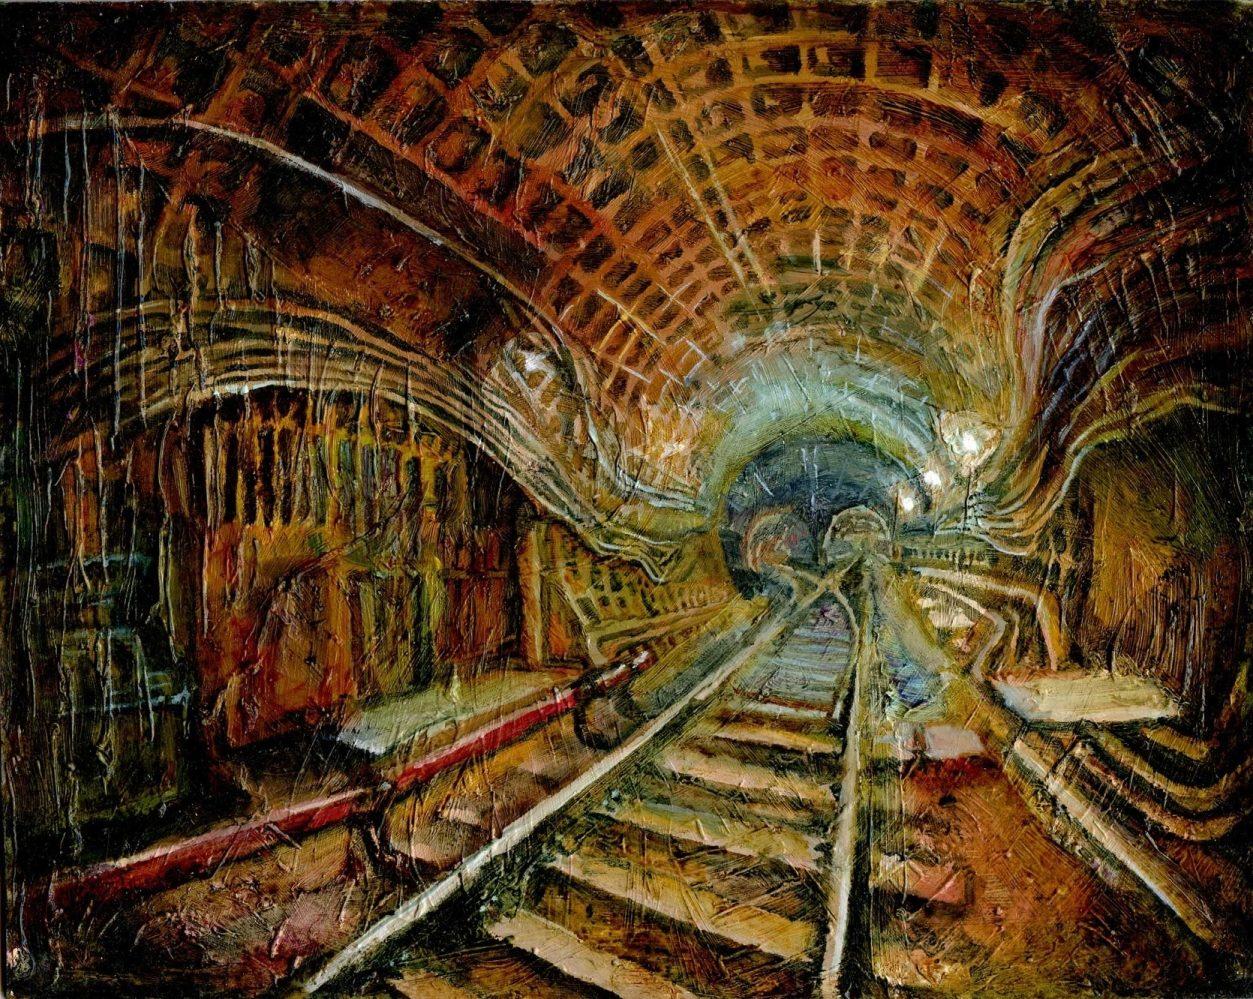 Мастер-класс «Глубокая графика. Как превратить мрачный тоннель в произведение искусства» – события на сайте «Московские Сезоны»